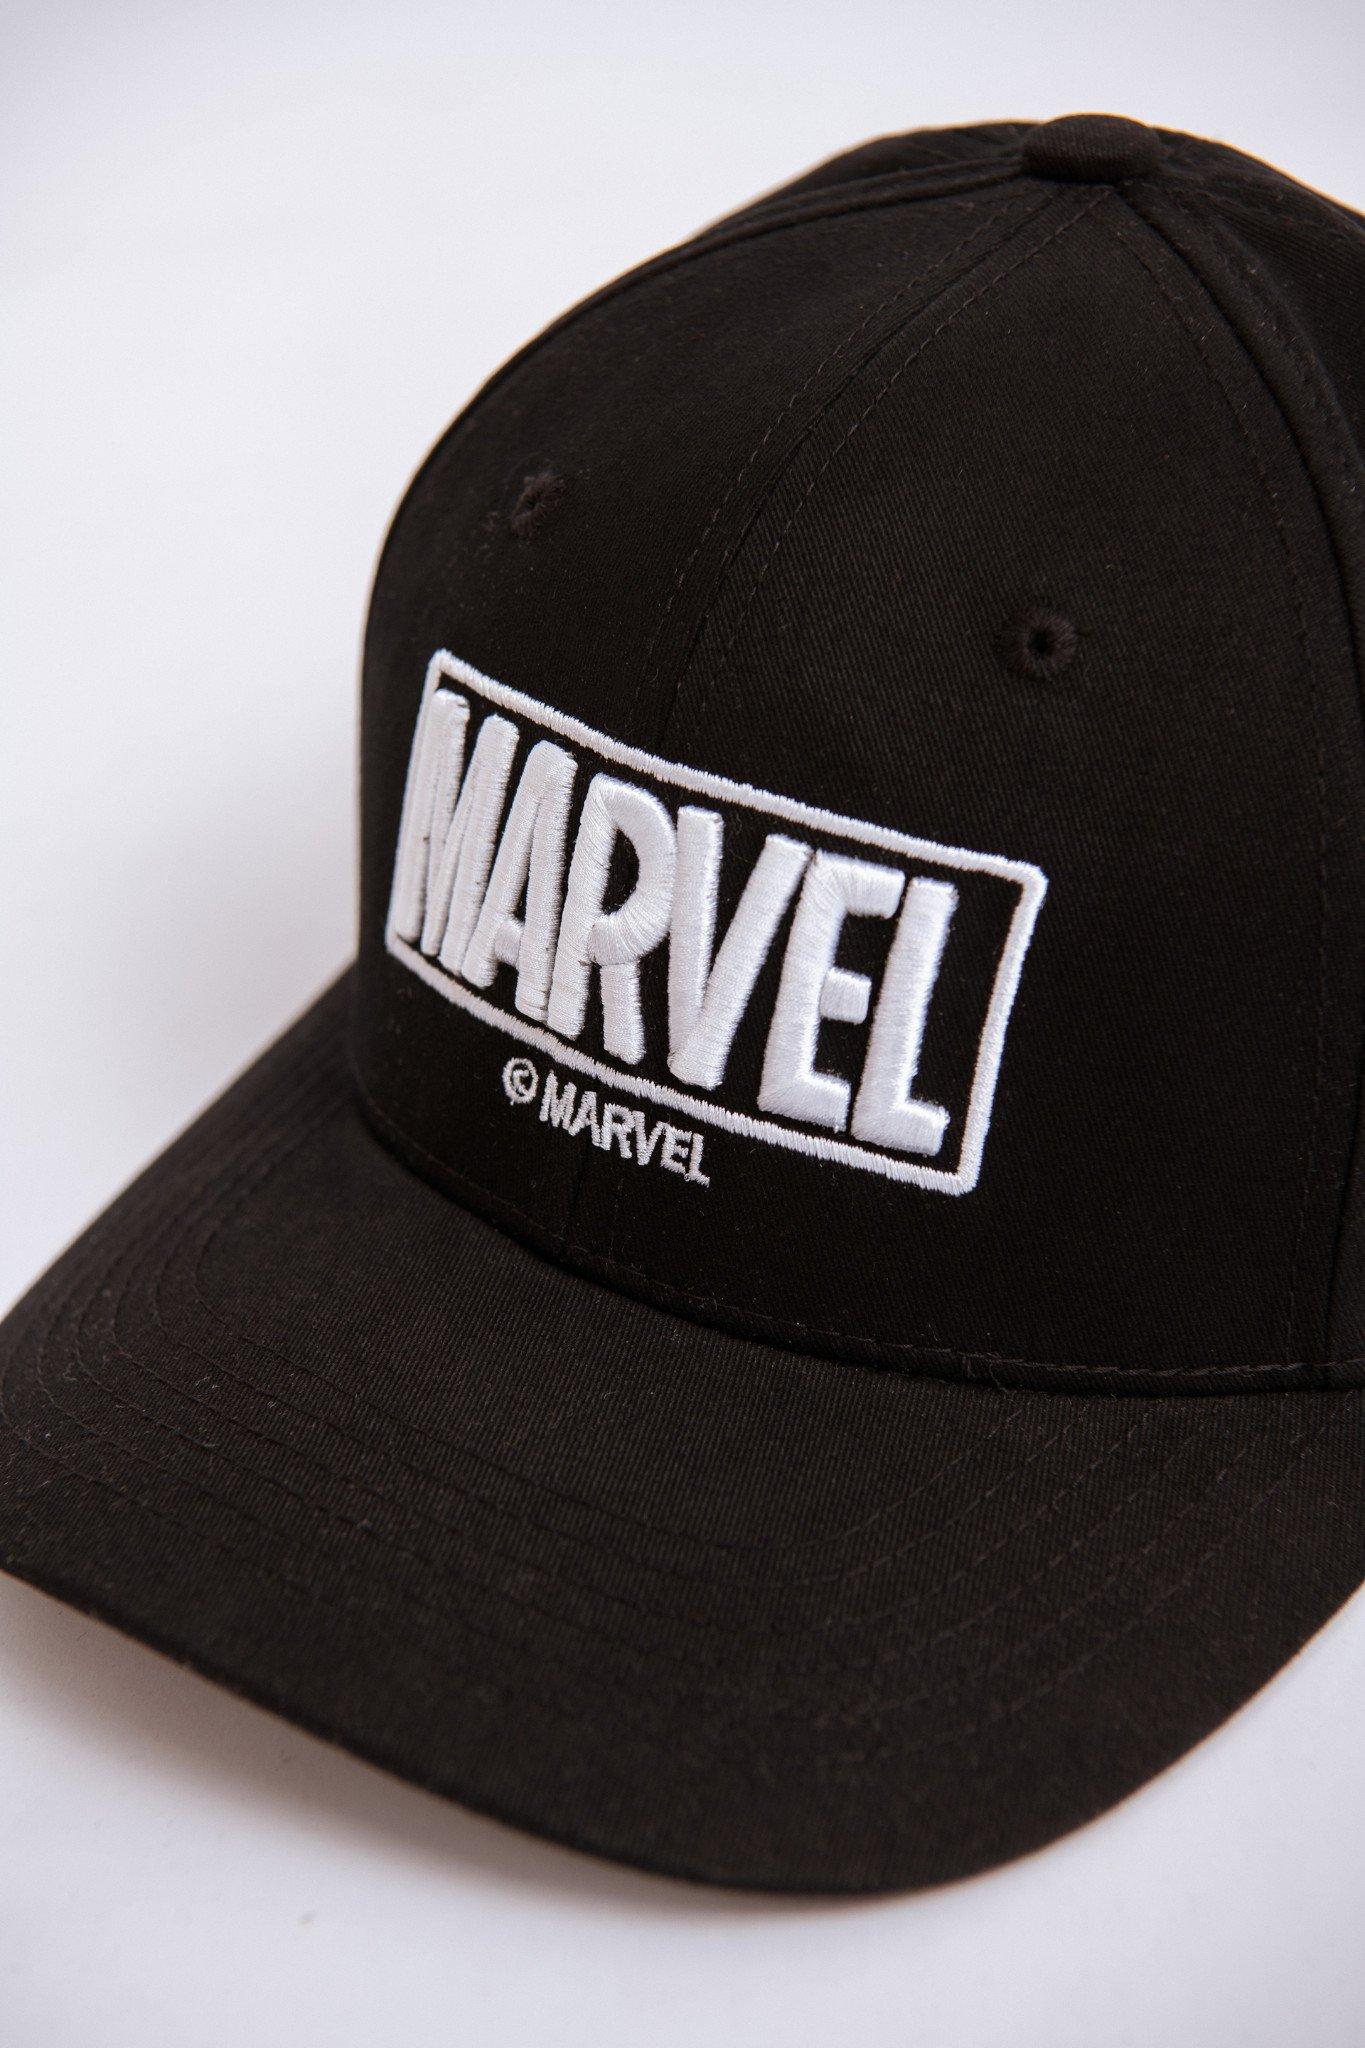 MŨ UNISEX SNAPFIT MARVEL.